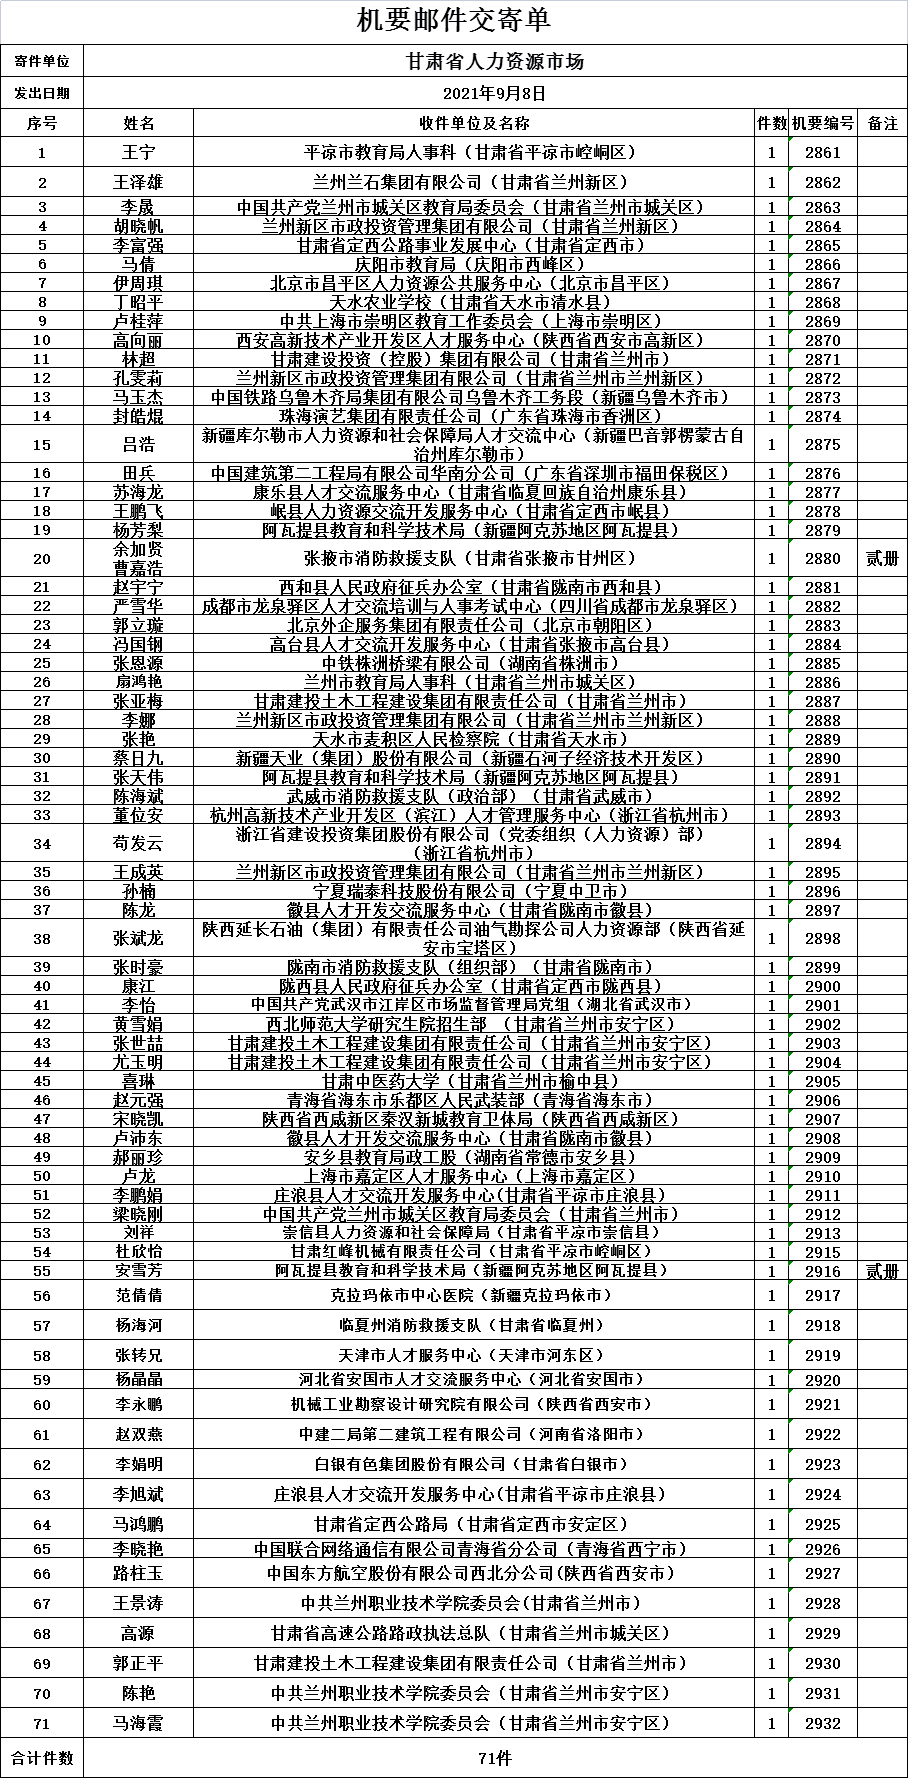 2021年9月8日甘肃省人力资源市场档案转递机要邮件交寄单.png